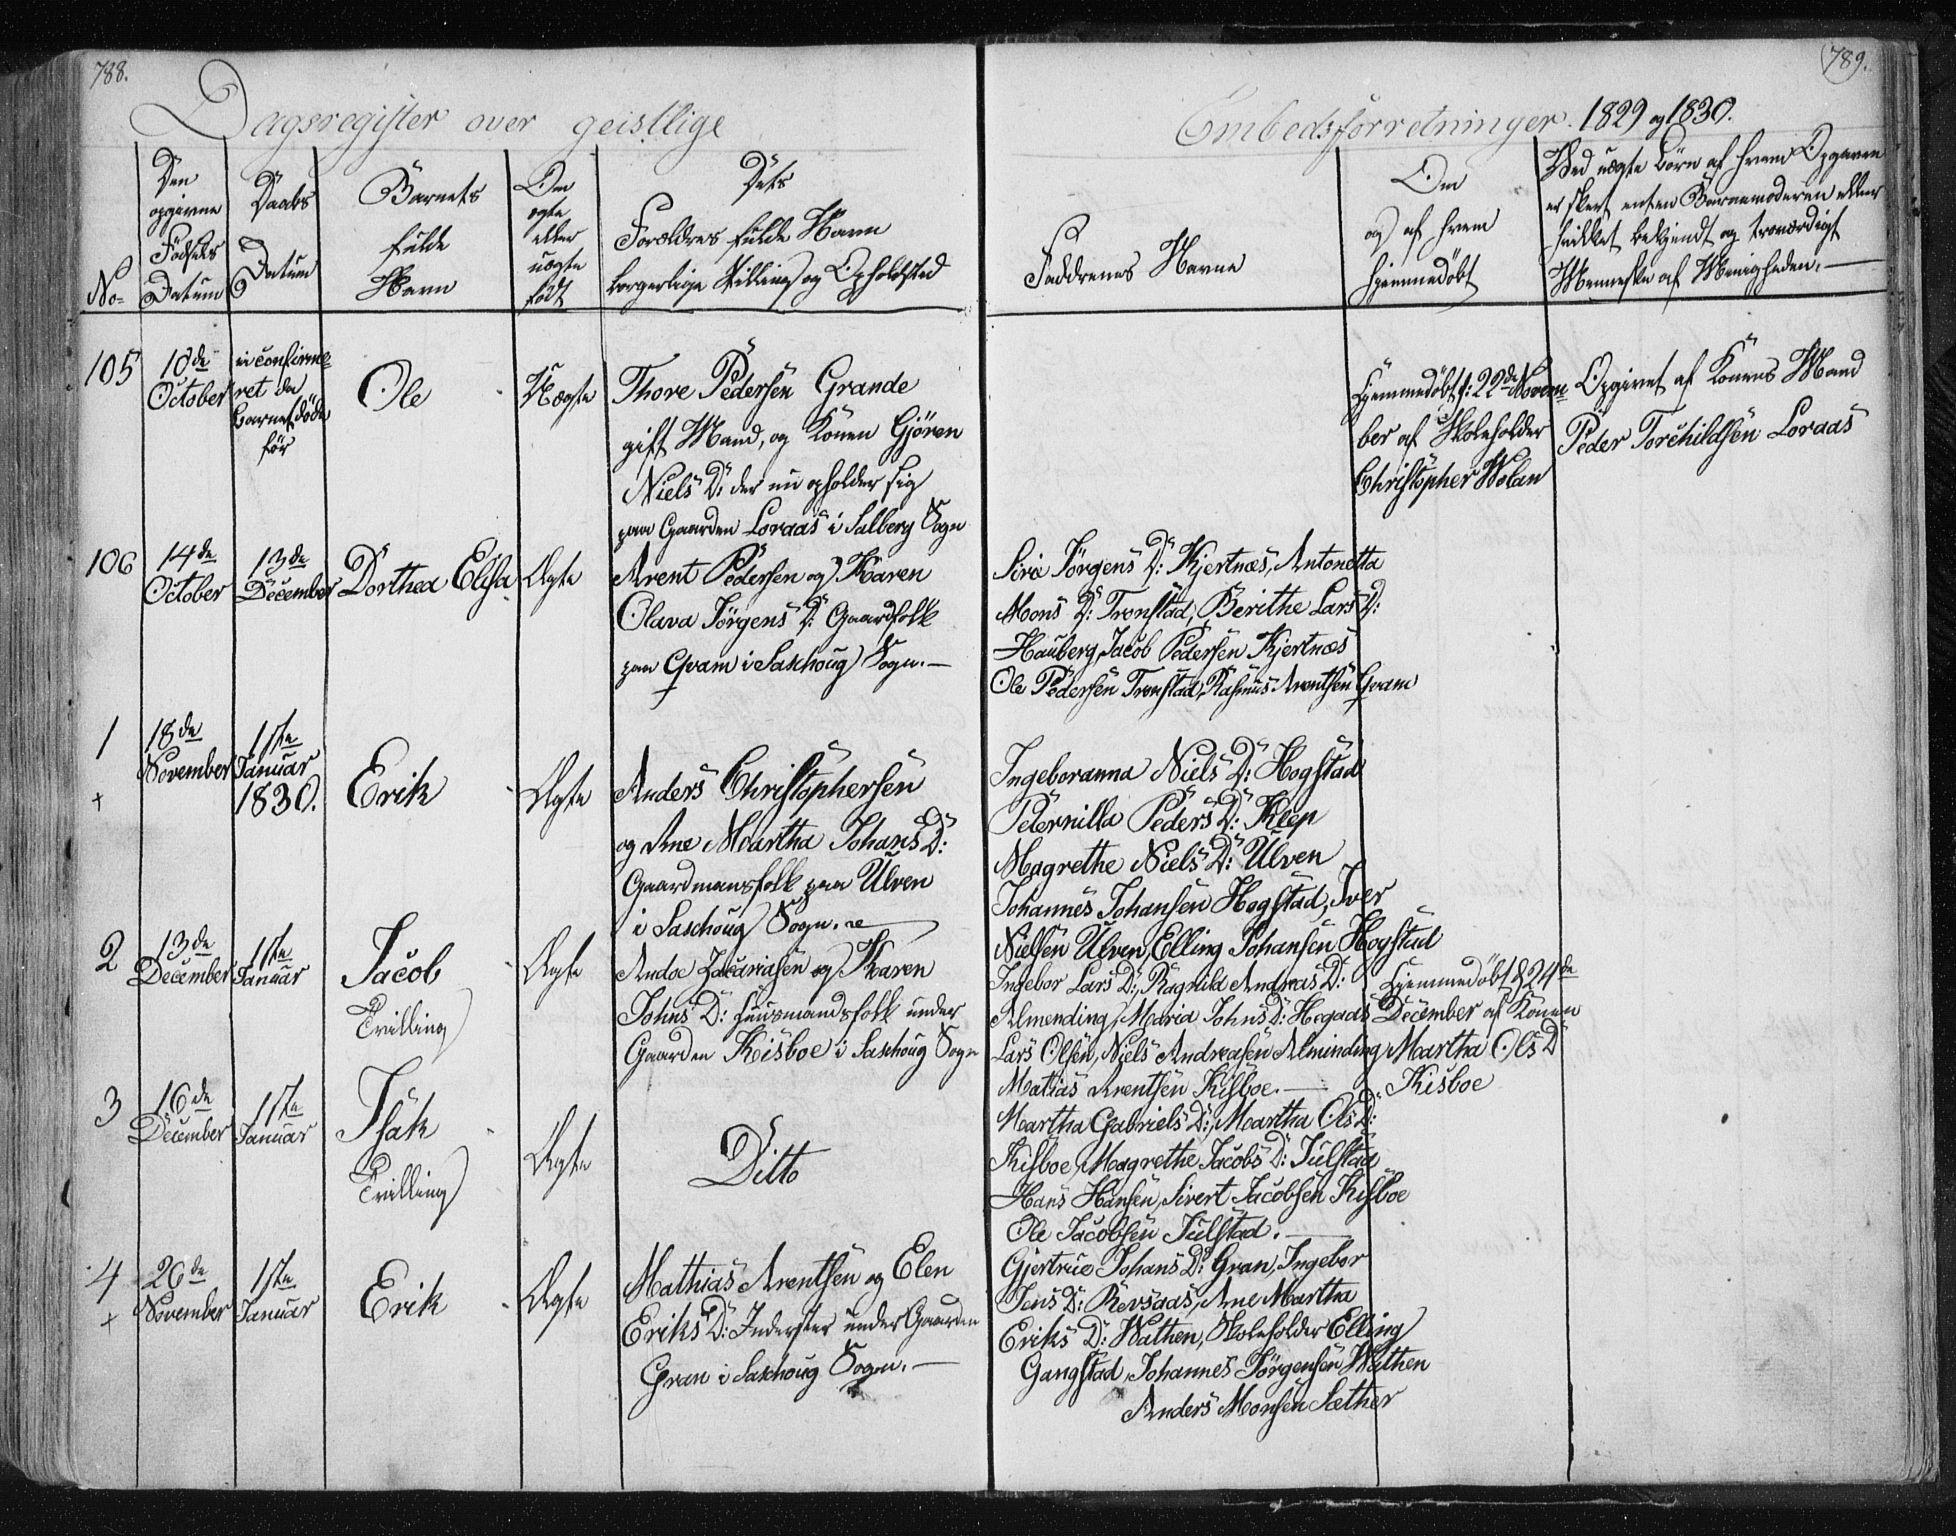 SAT, Ministerialprotokoller, klokkerbøker og fødselsregistre - Nord-Trøndelag, 730/L0276: Ministerialbok nr. 730A05, 1822-1830, s. 788-789